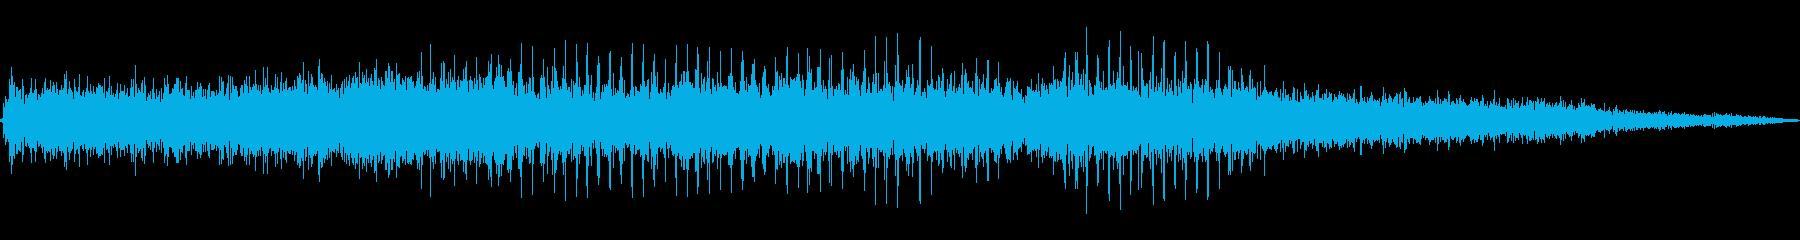 ヘリコプター/プロペラ/飛行音!02の再生済みの波形